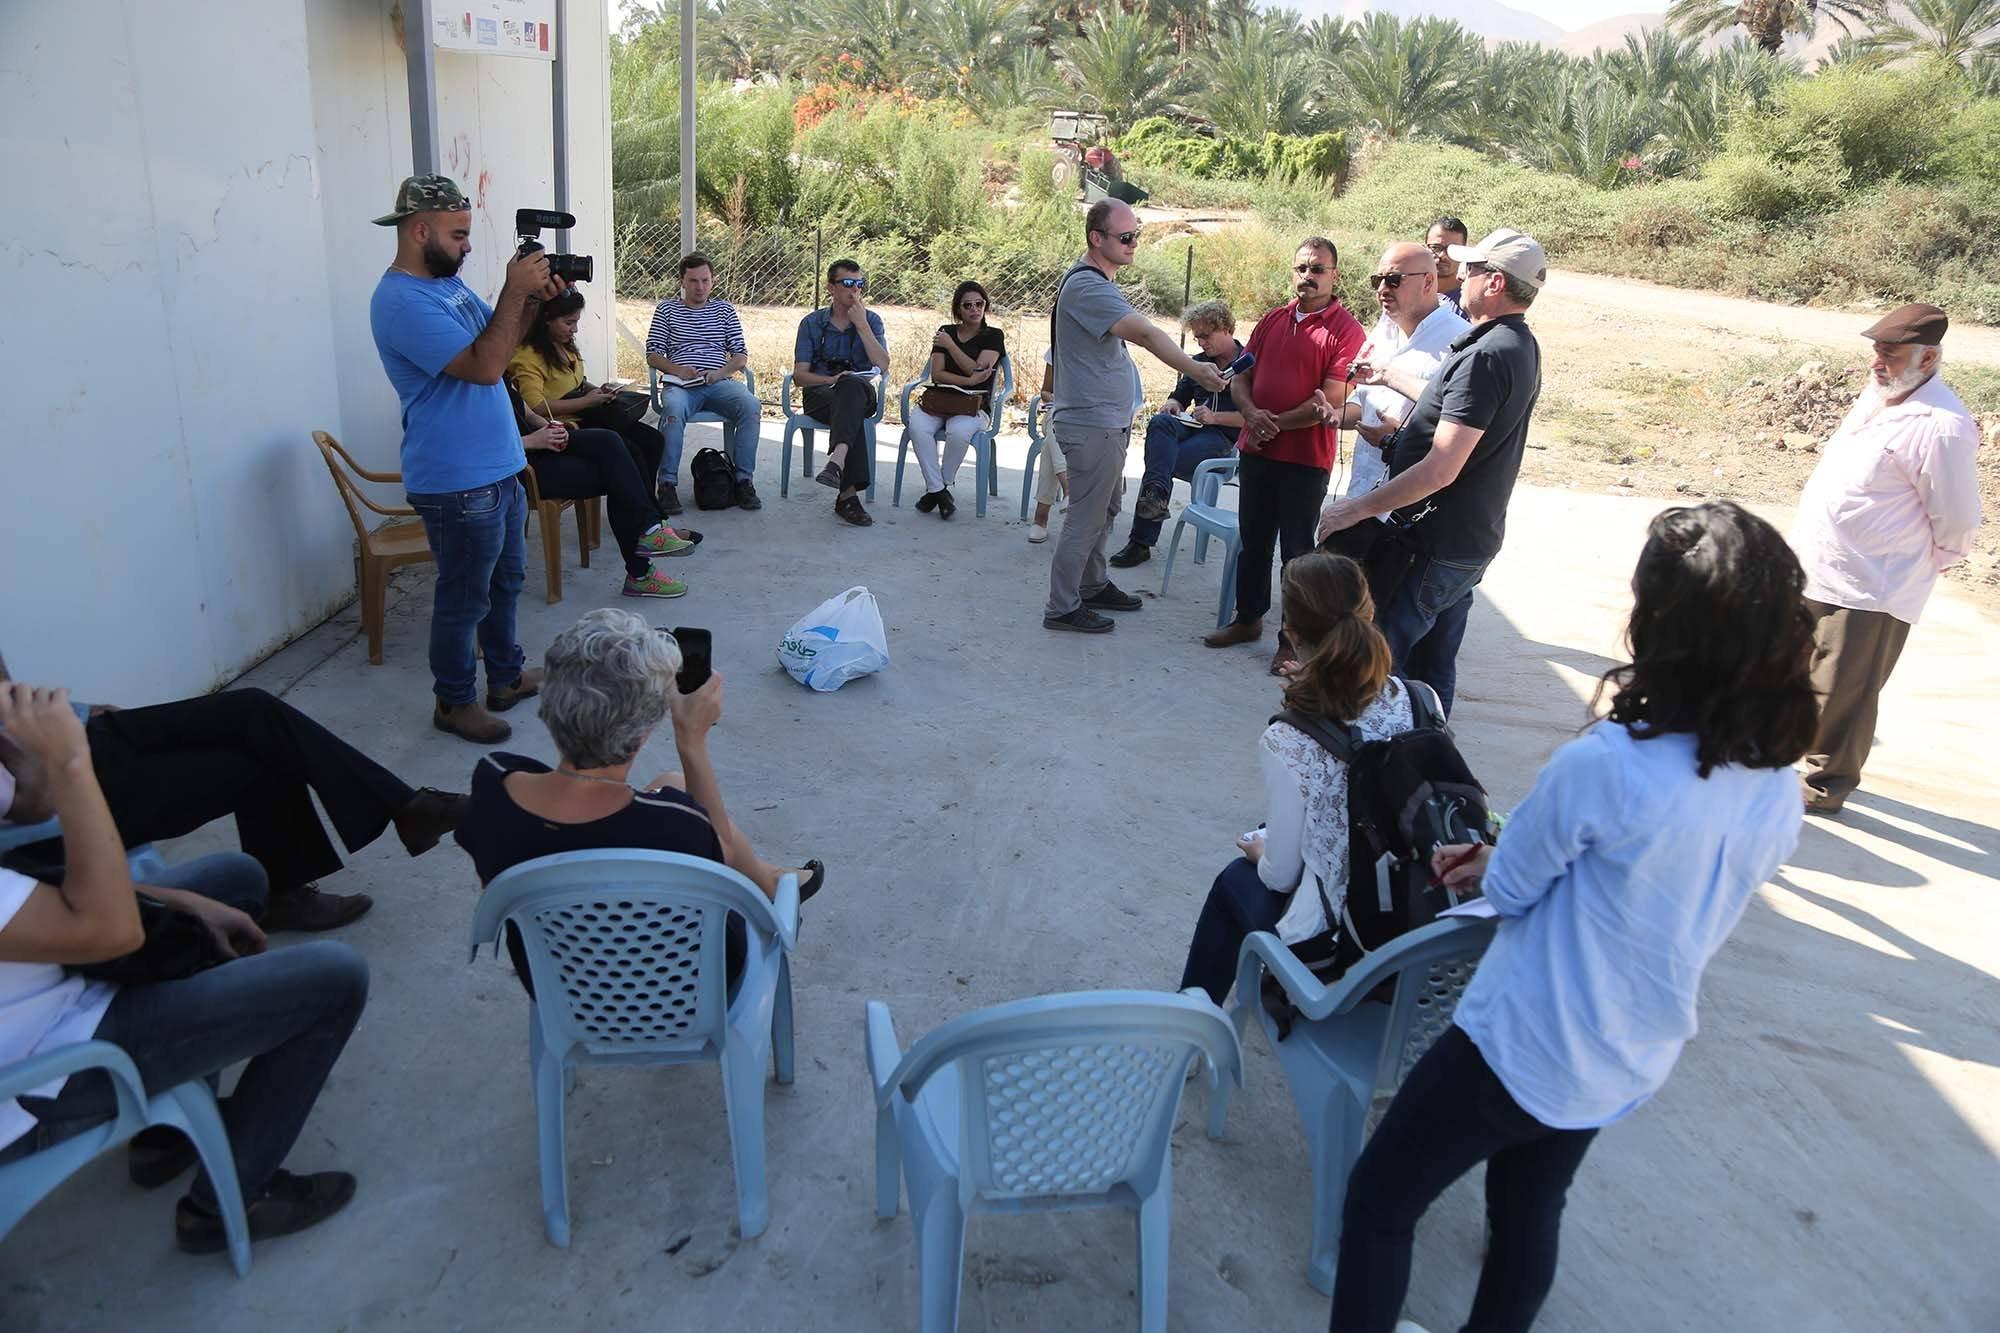 الاتحاد الأوروبي ينهي جولة لصحفيين أوروبيين في الضفة الغربية